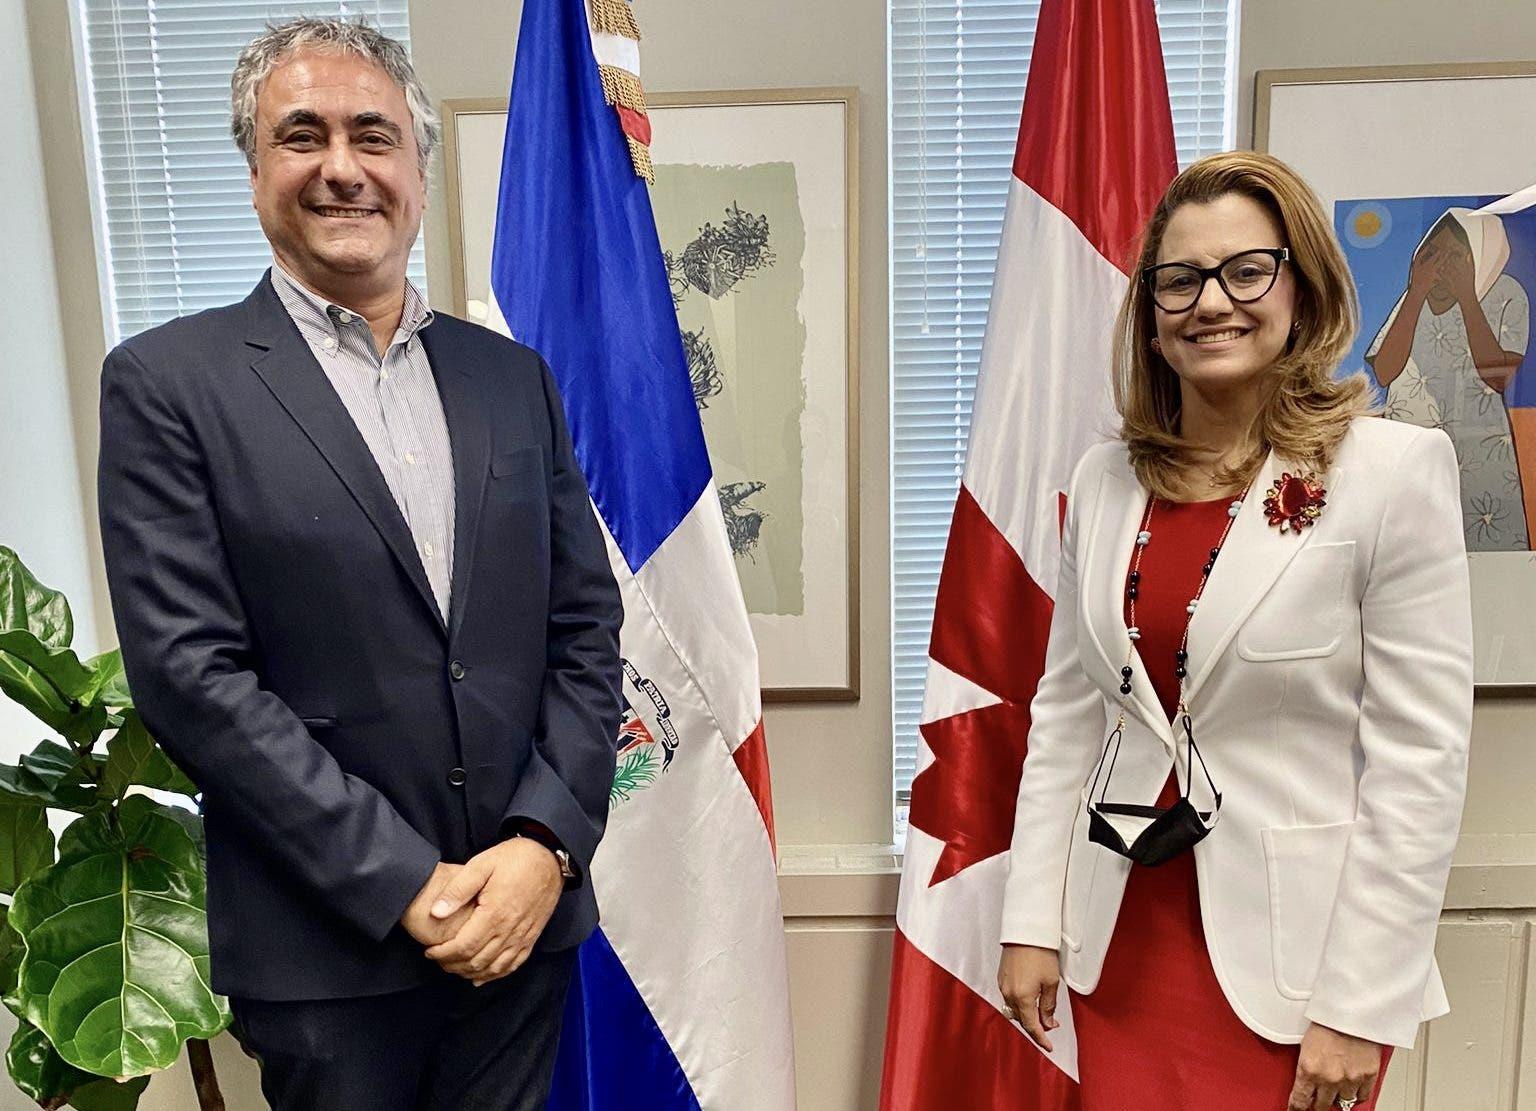 Empresa canadiense anuncia expansión de inversión en República Dominicana